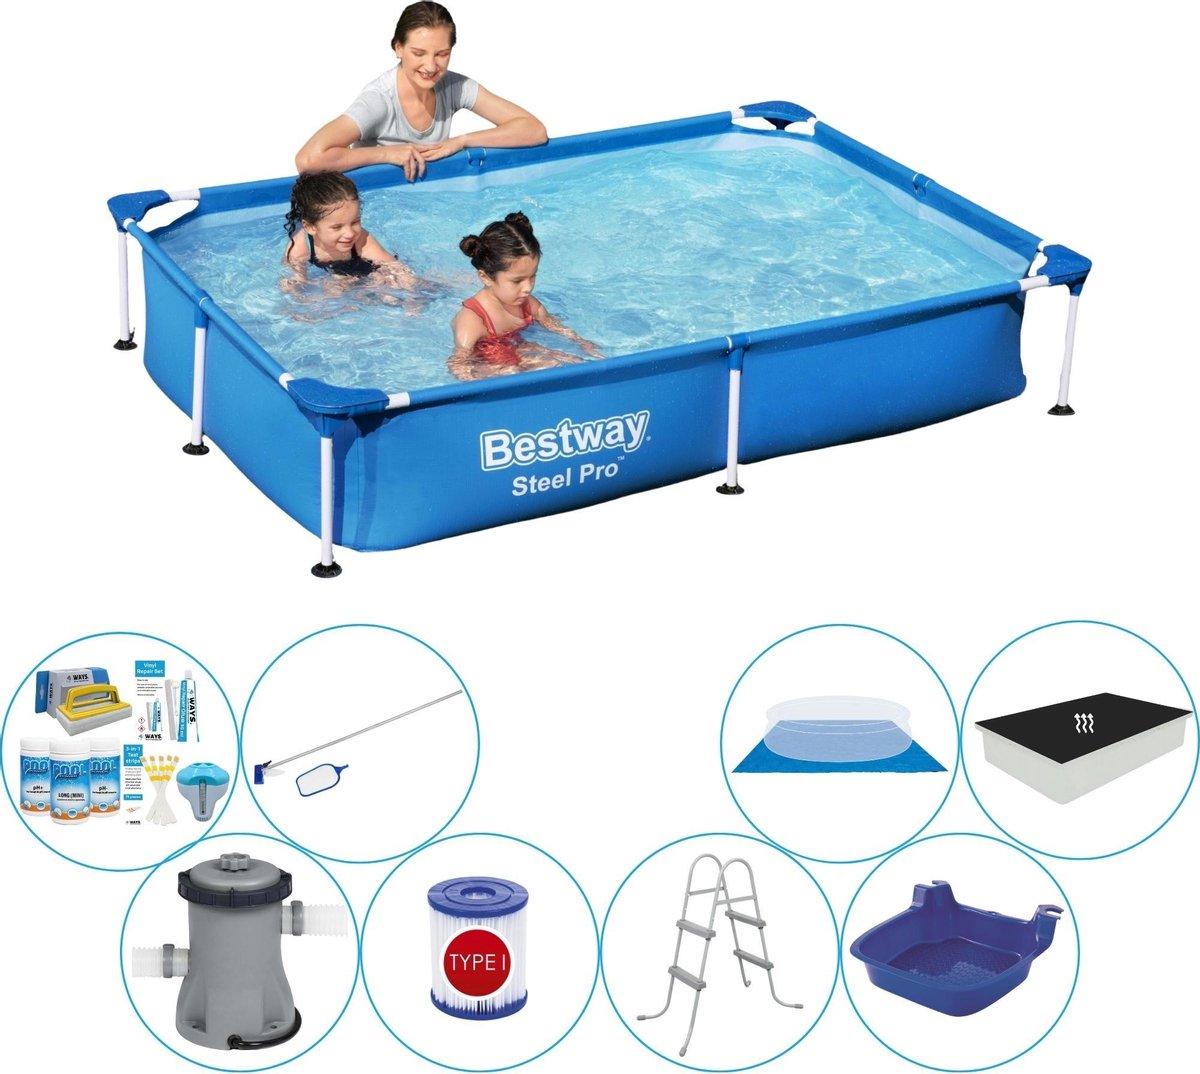 Bestway rechthoekig zwembad pakket - 220 x 150 x 43 cm - grondzeil - filterpomp -onderhoudsset